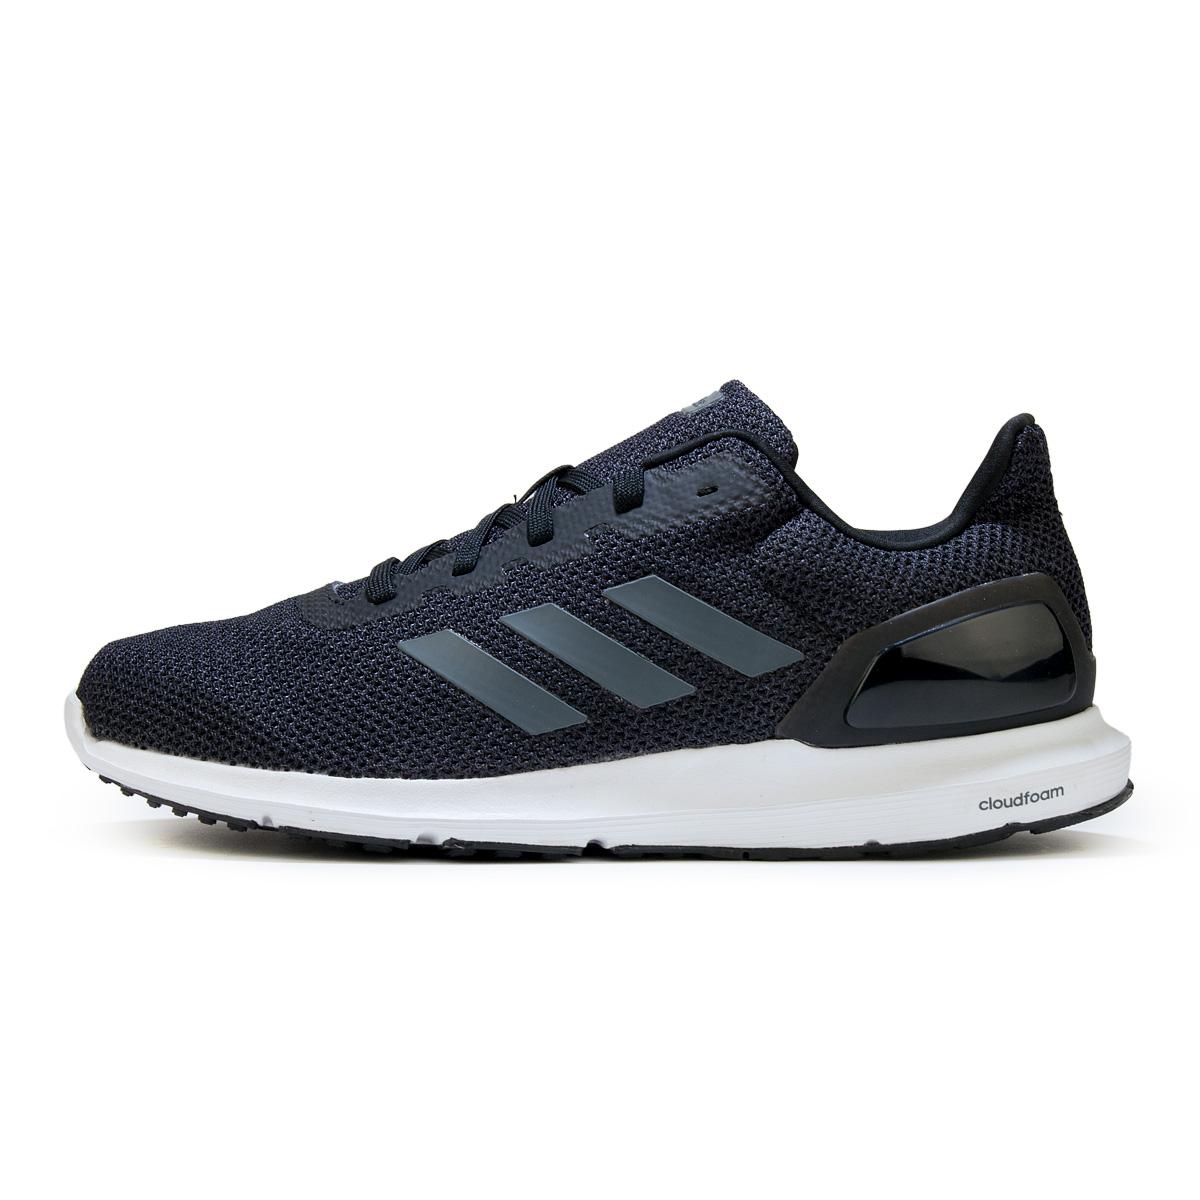 c15a0a4f88c Adidas Cosmic 2 SL DB1760 | Αθλητικά Παπούτσια | hotprice.gr